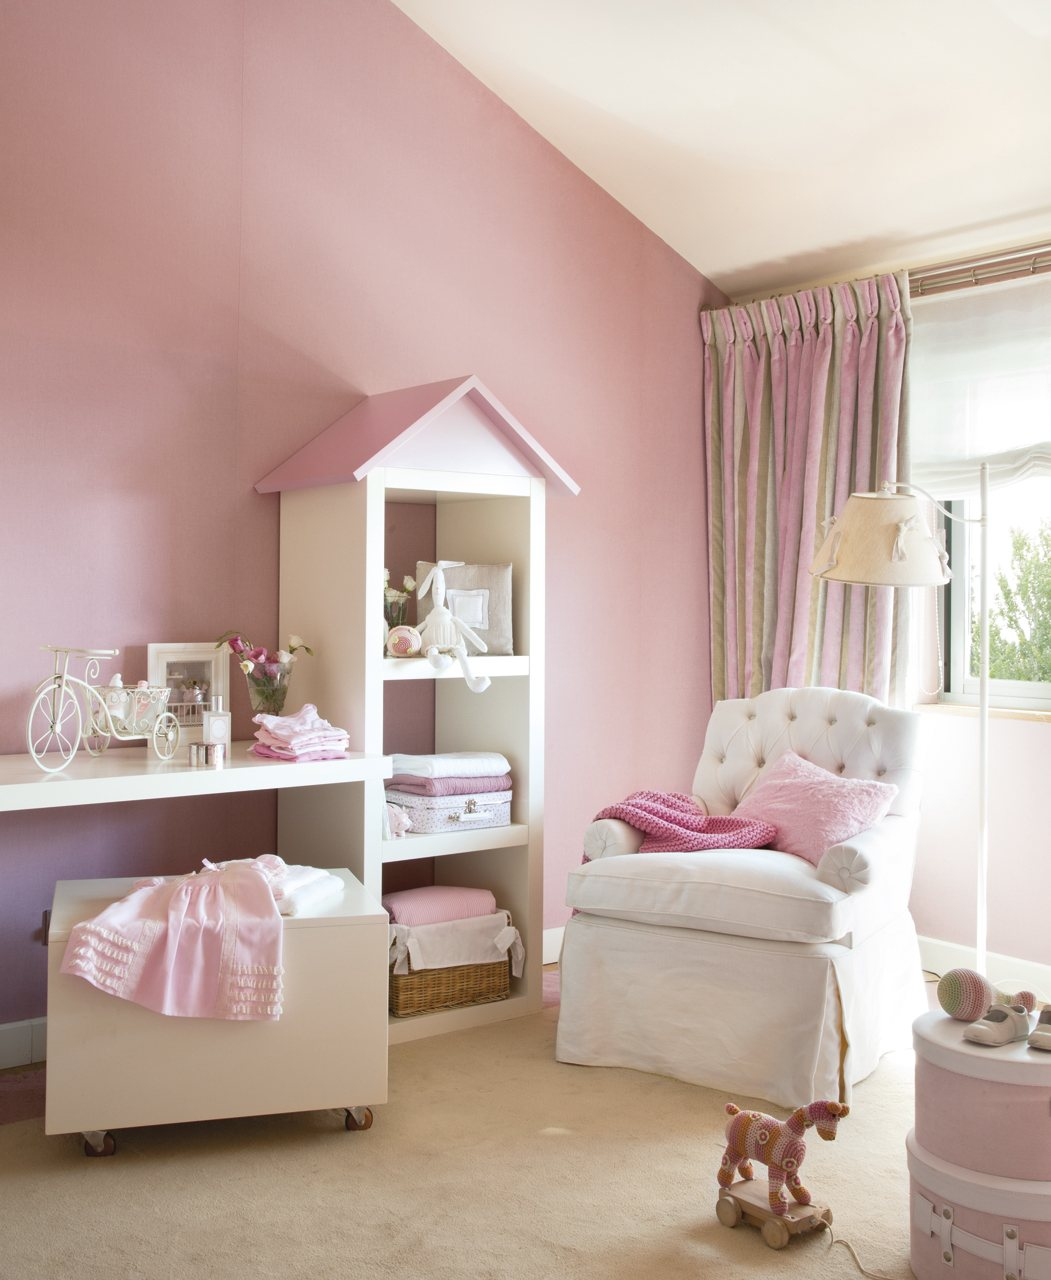 Muebles para recamara de ninos 20170731082749 for Muebles infantiles para habitaciones pequenas